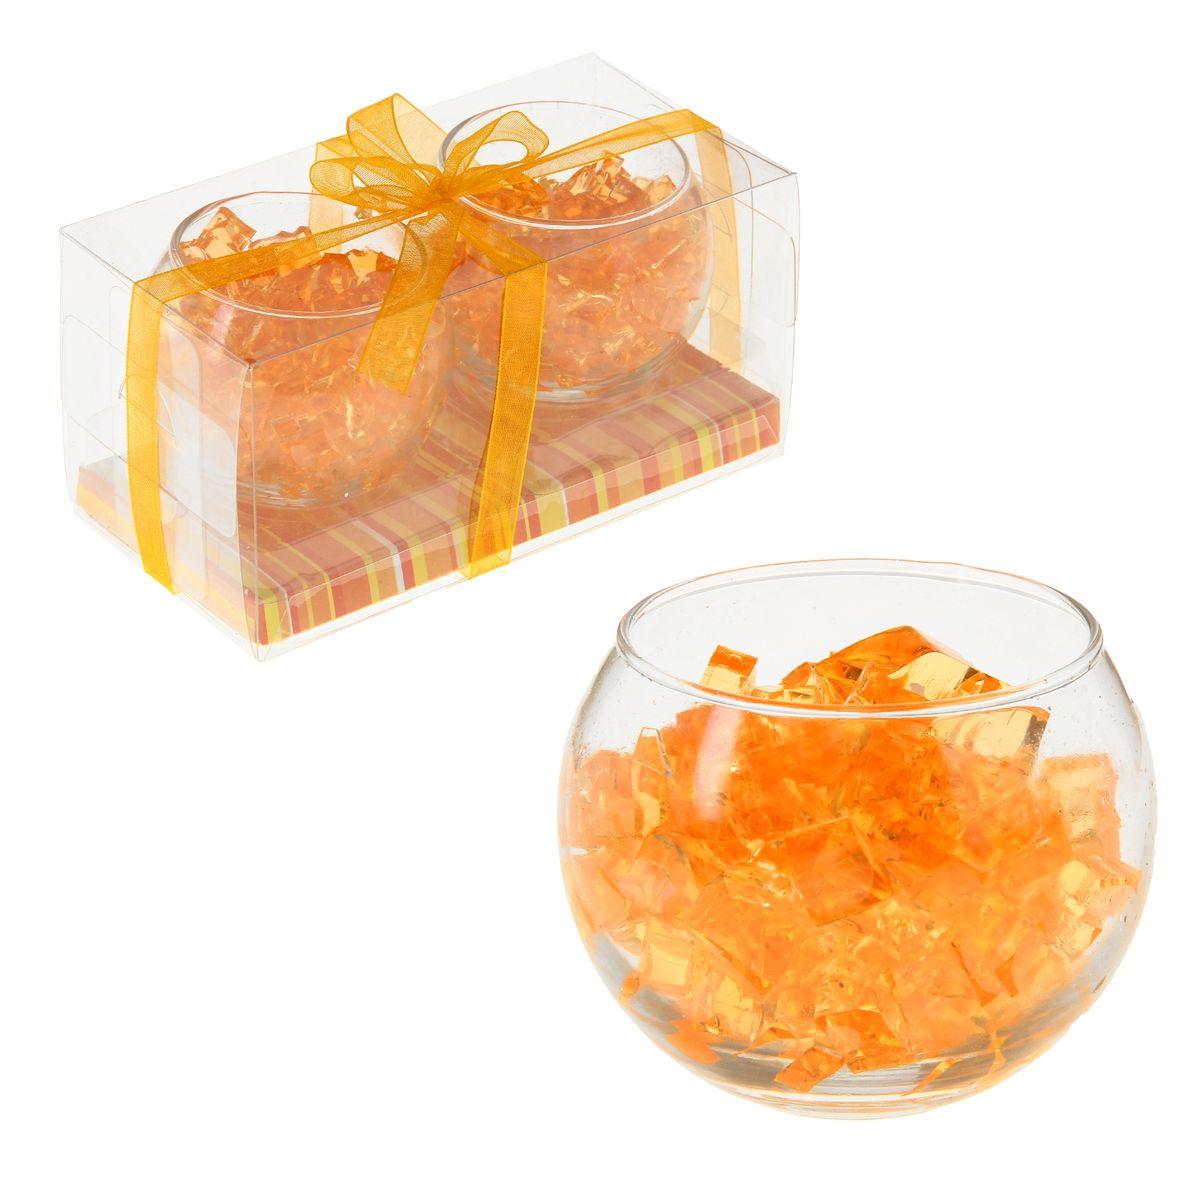 Набор свечей Sima-land Мармелад, цвет: оранжевый, 2 шт895598Набор Sima-land Мармелад, выполненный из геля, состоит из двух декоративных свечей. Свечи расположены в стеклянных бокалах. Изделия порадуют вас своим дизайном. Такой набор может стать отличным подарком или дополнить интерьер вашей комнаты.